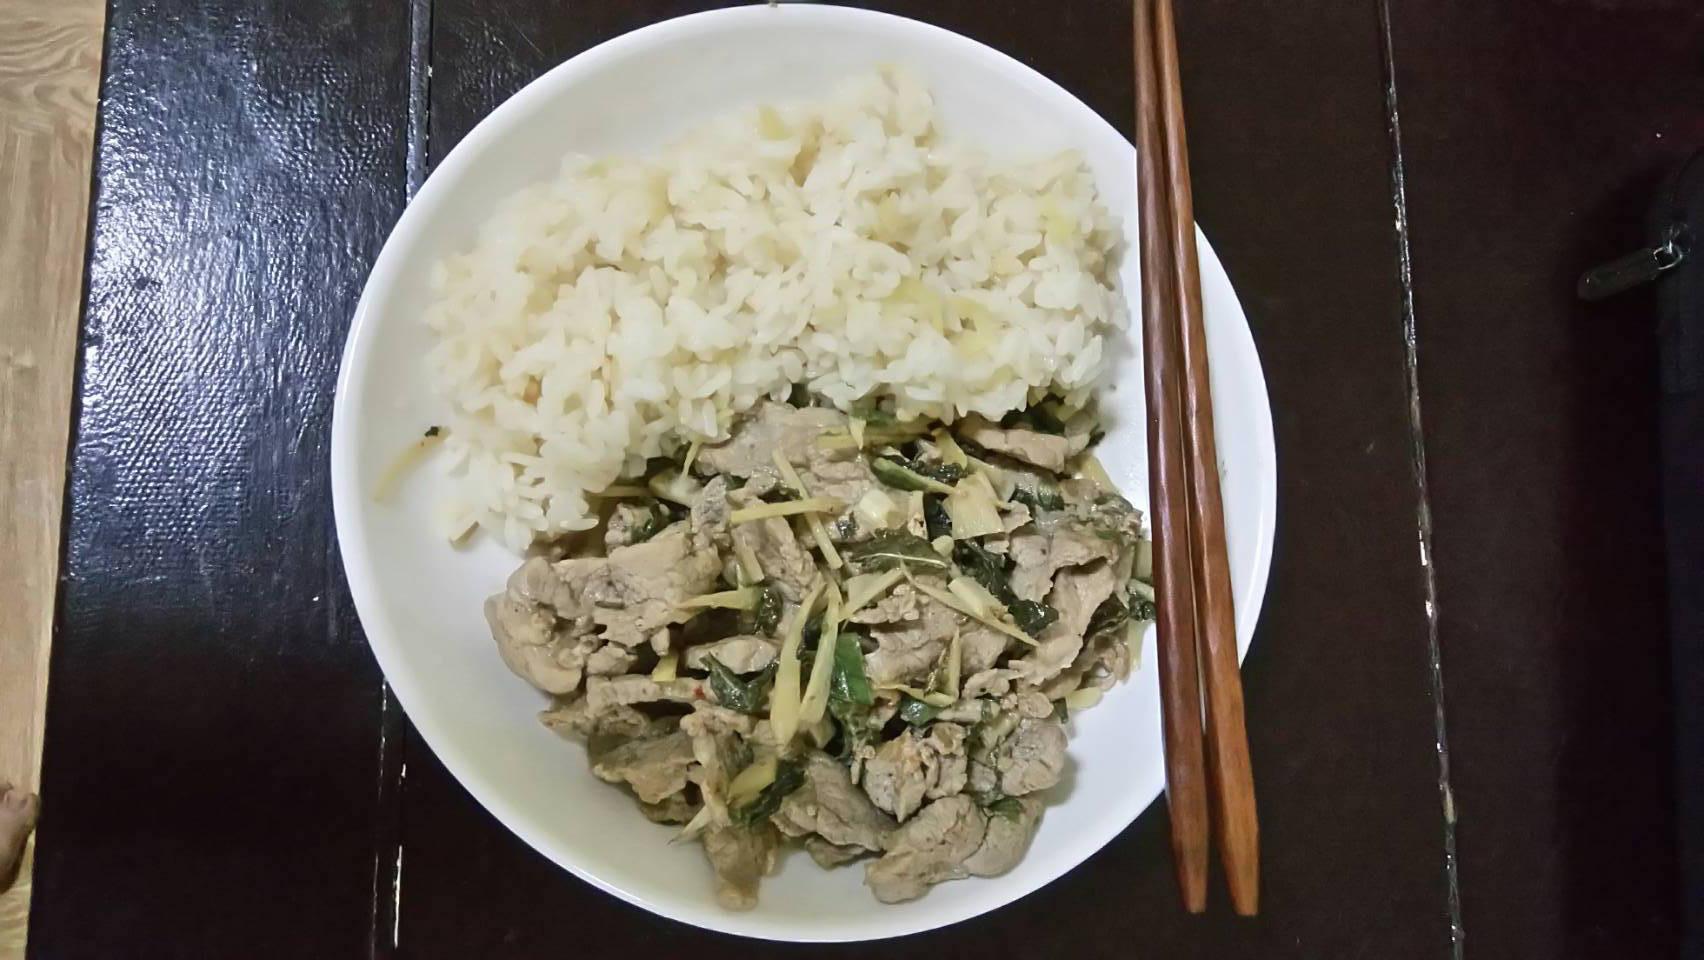 薑絲茶葉燒肉飯-佐七味粉